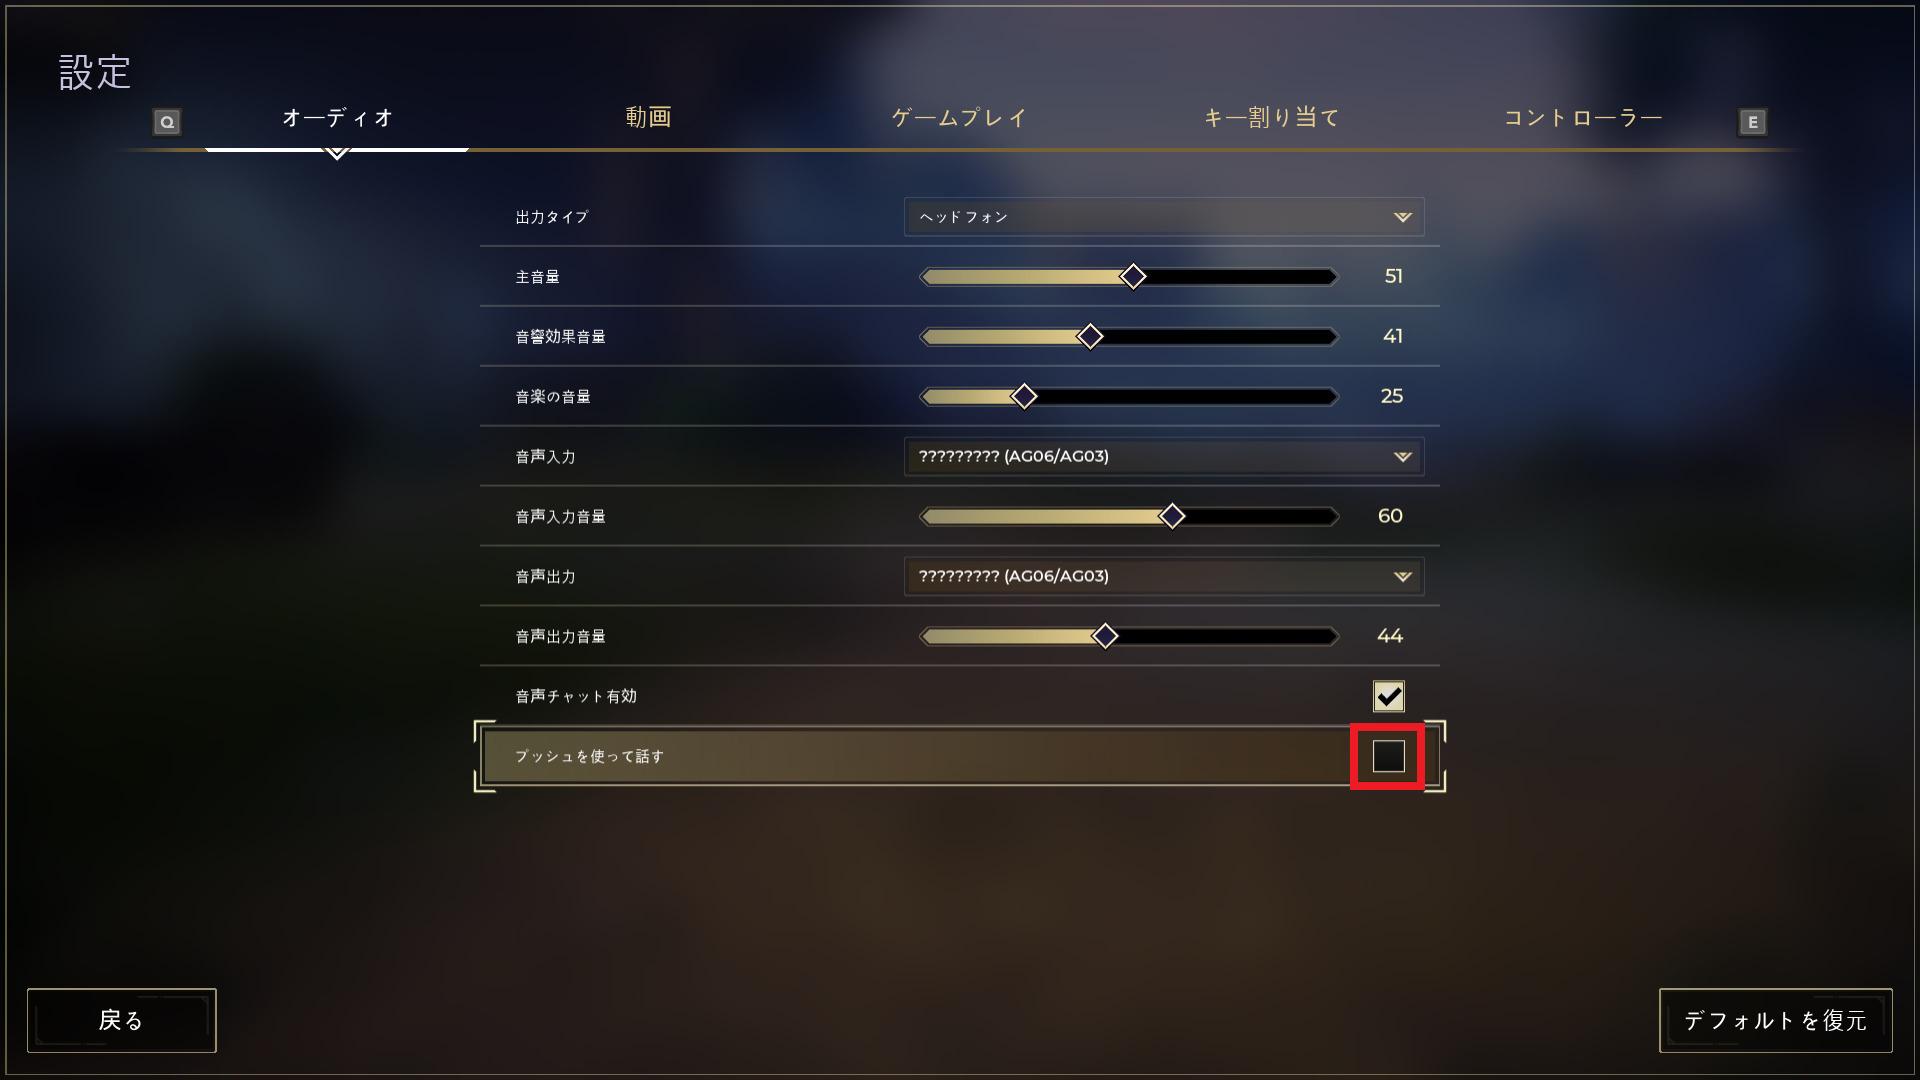 【PC版 スペルブレイク】ボイスチャットでマイクが入らない時に見直すゲーム内設定